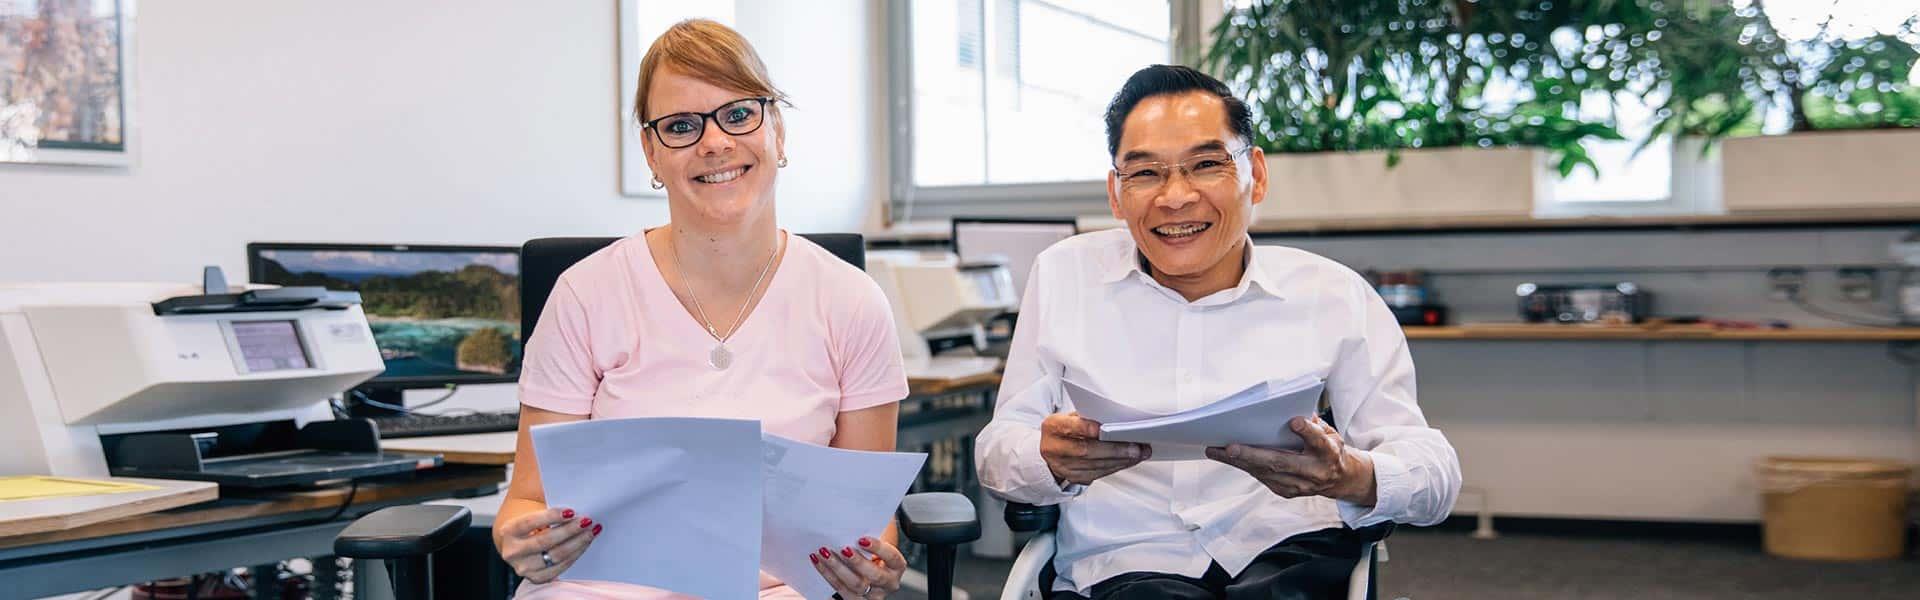 Eine Frau und ein Mann sitzen vor einem Arbeitsplatz und haben Unterlagen in ihren Händen